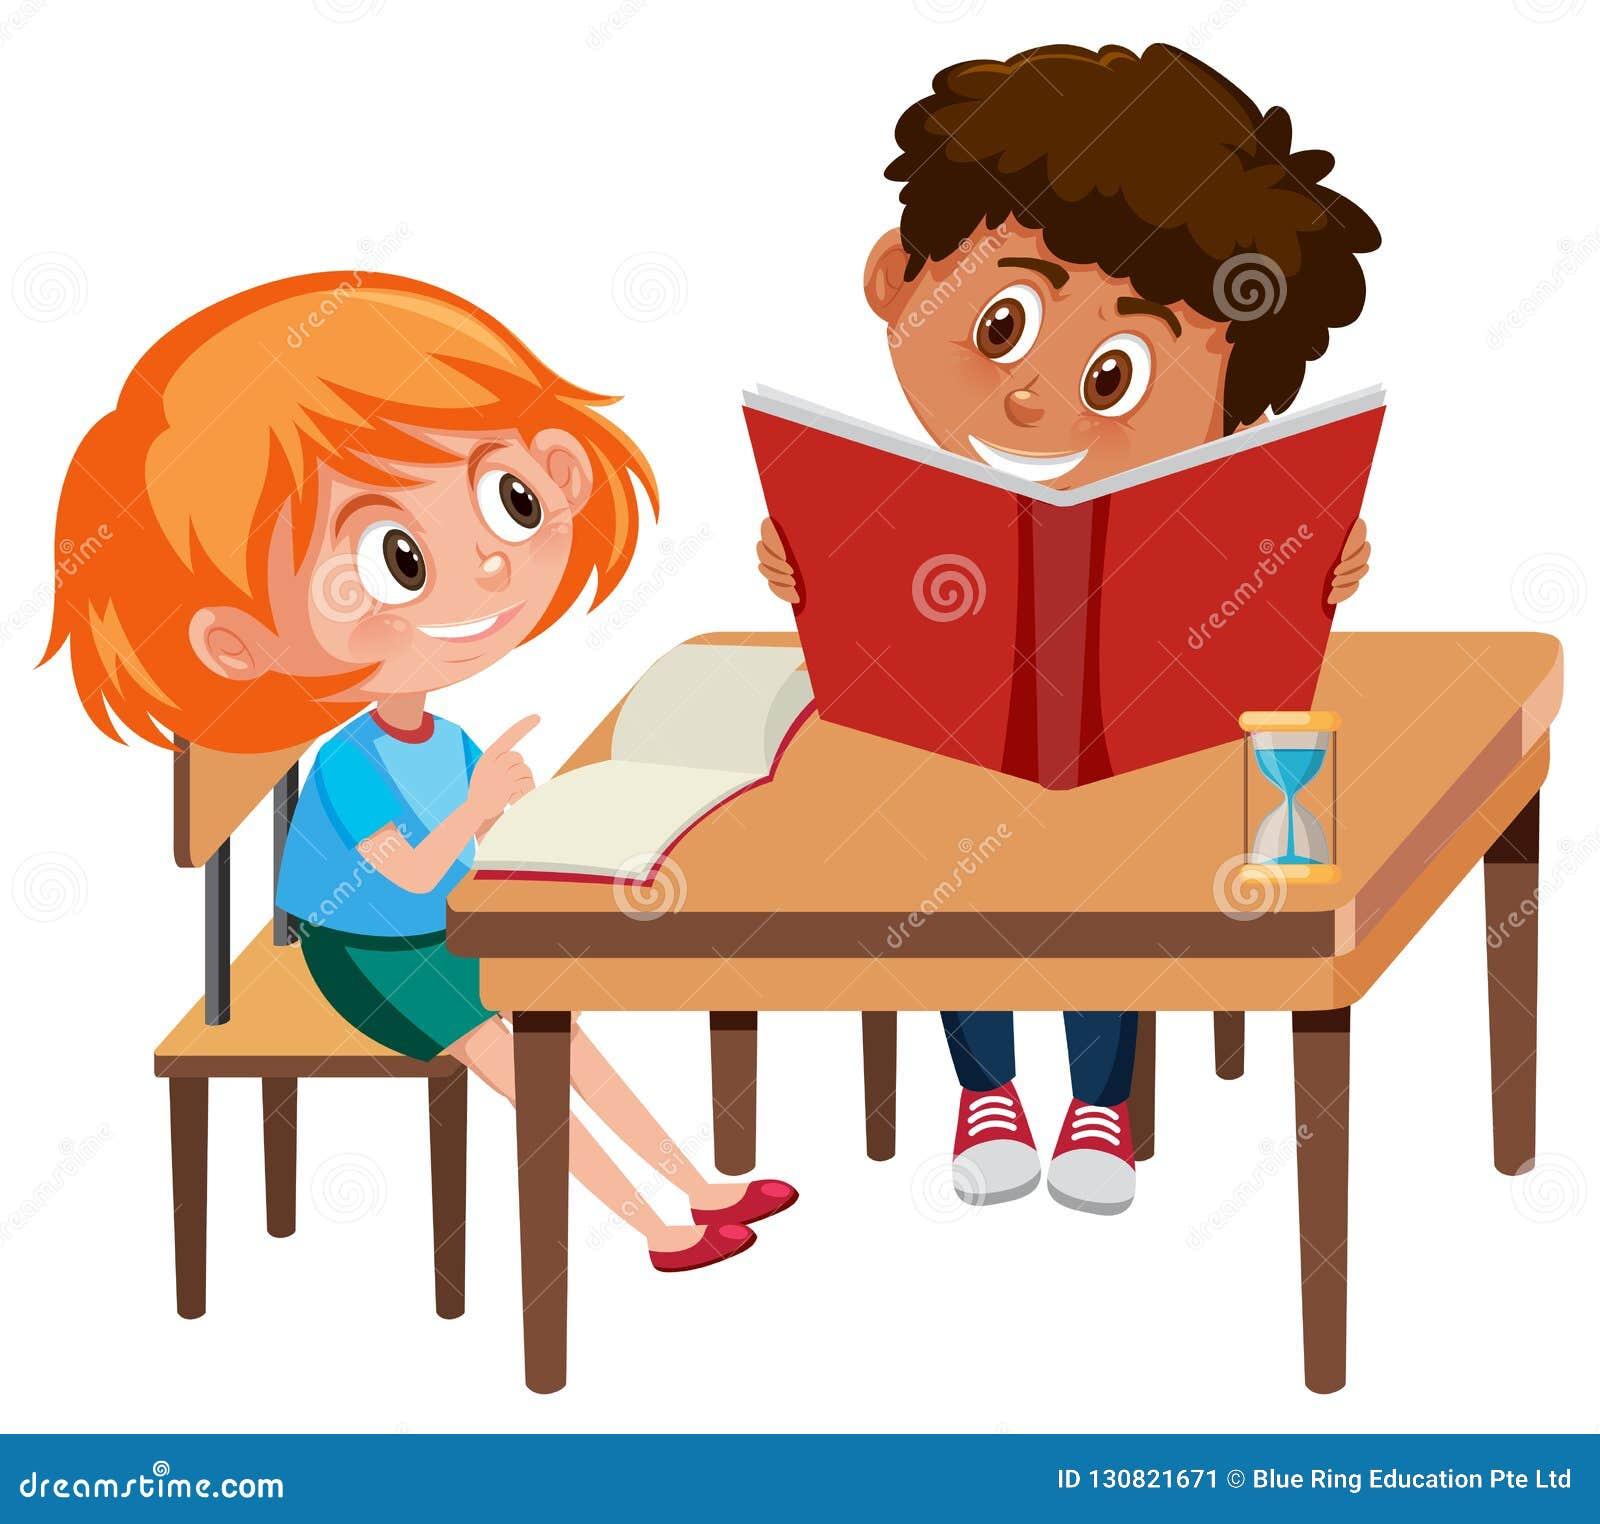 Boy and girl study